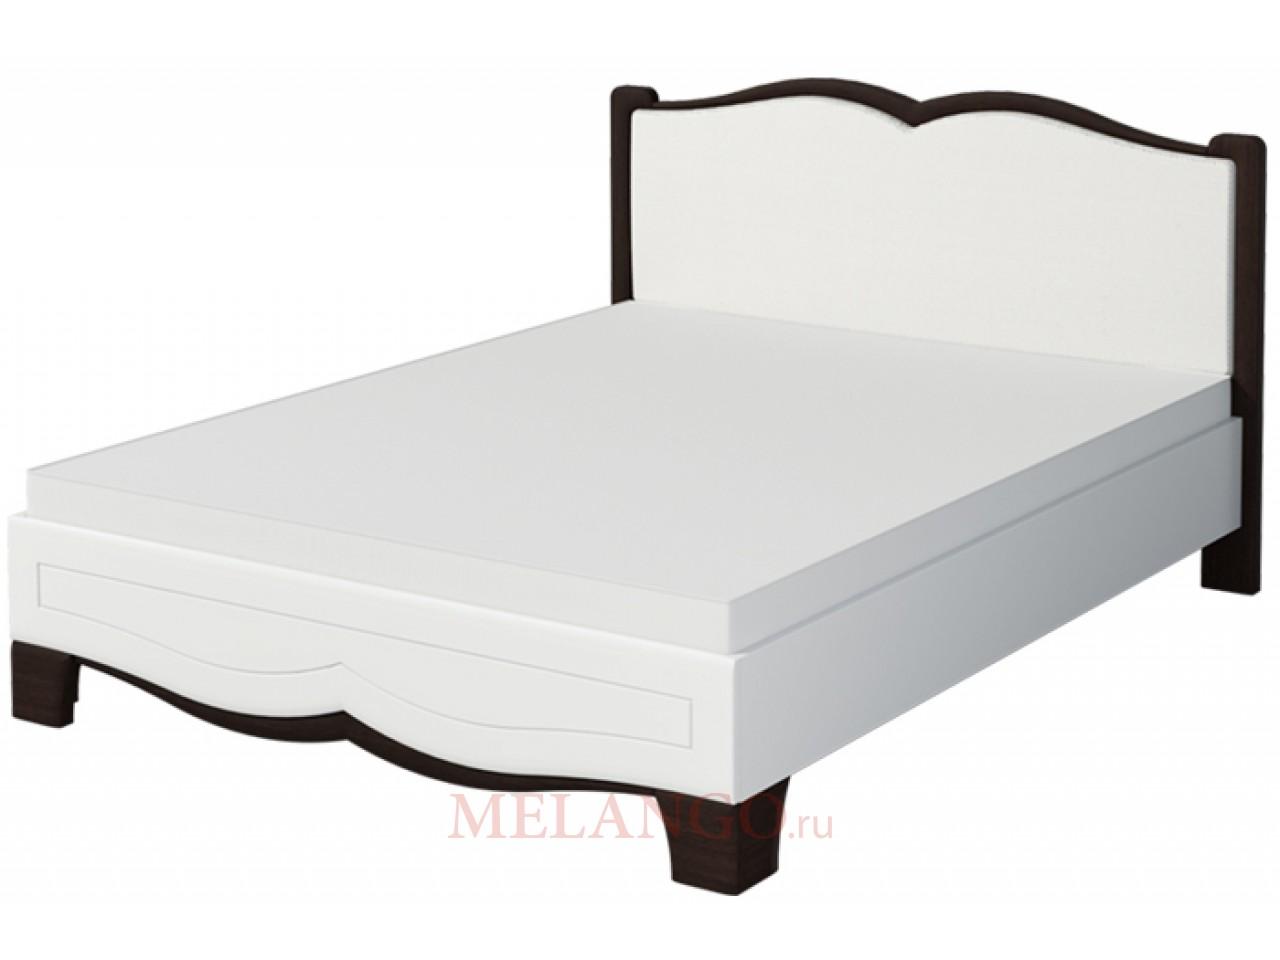 Двуспальная Кровать  Тиффани МН-122-01М